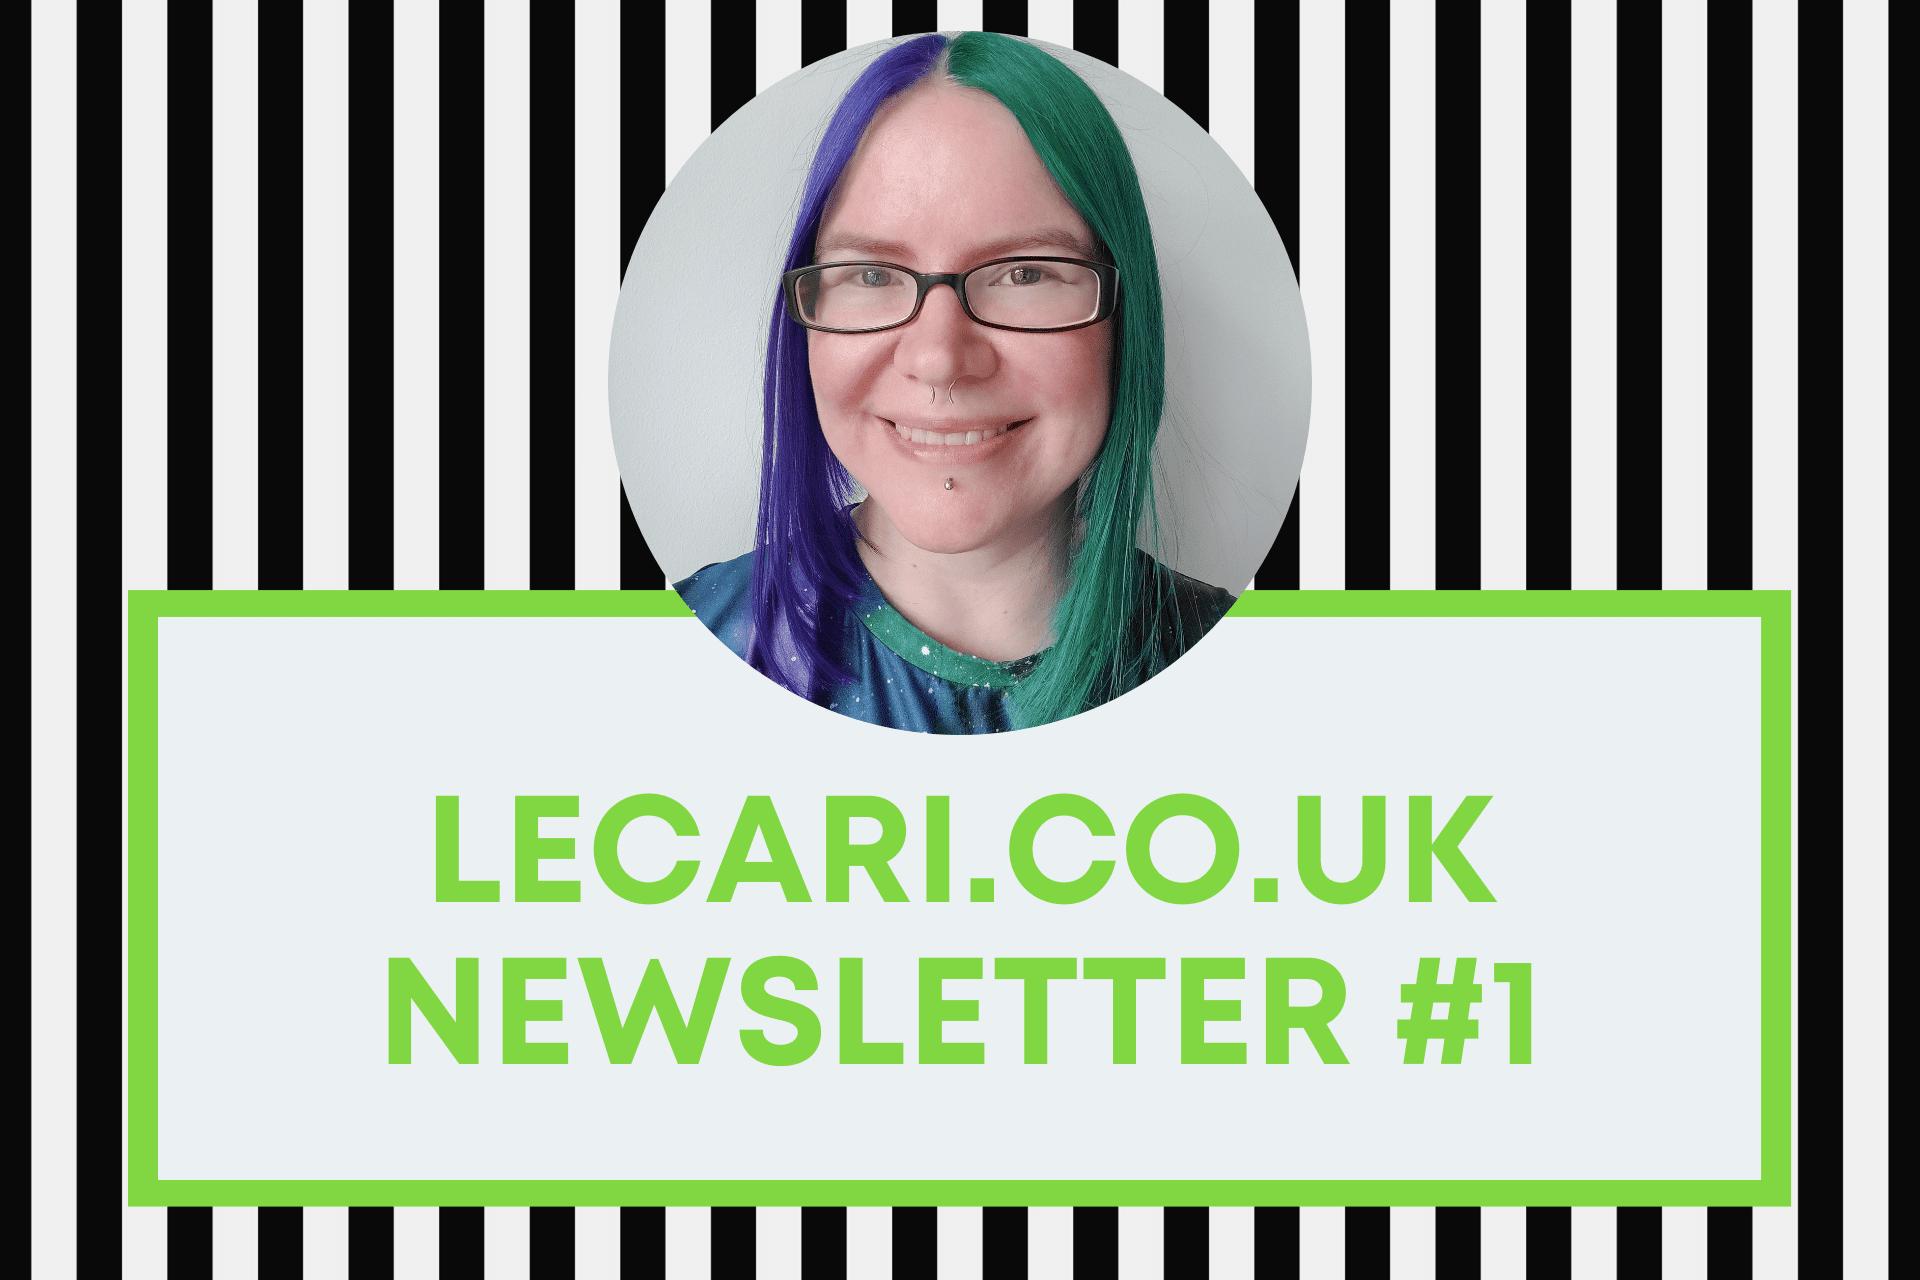 Lecari.co.uk Newsletter #1